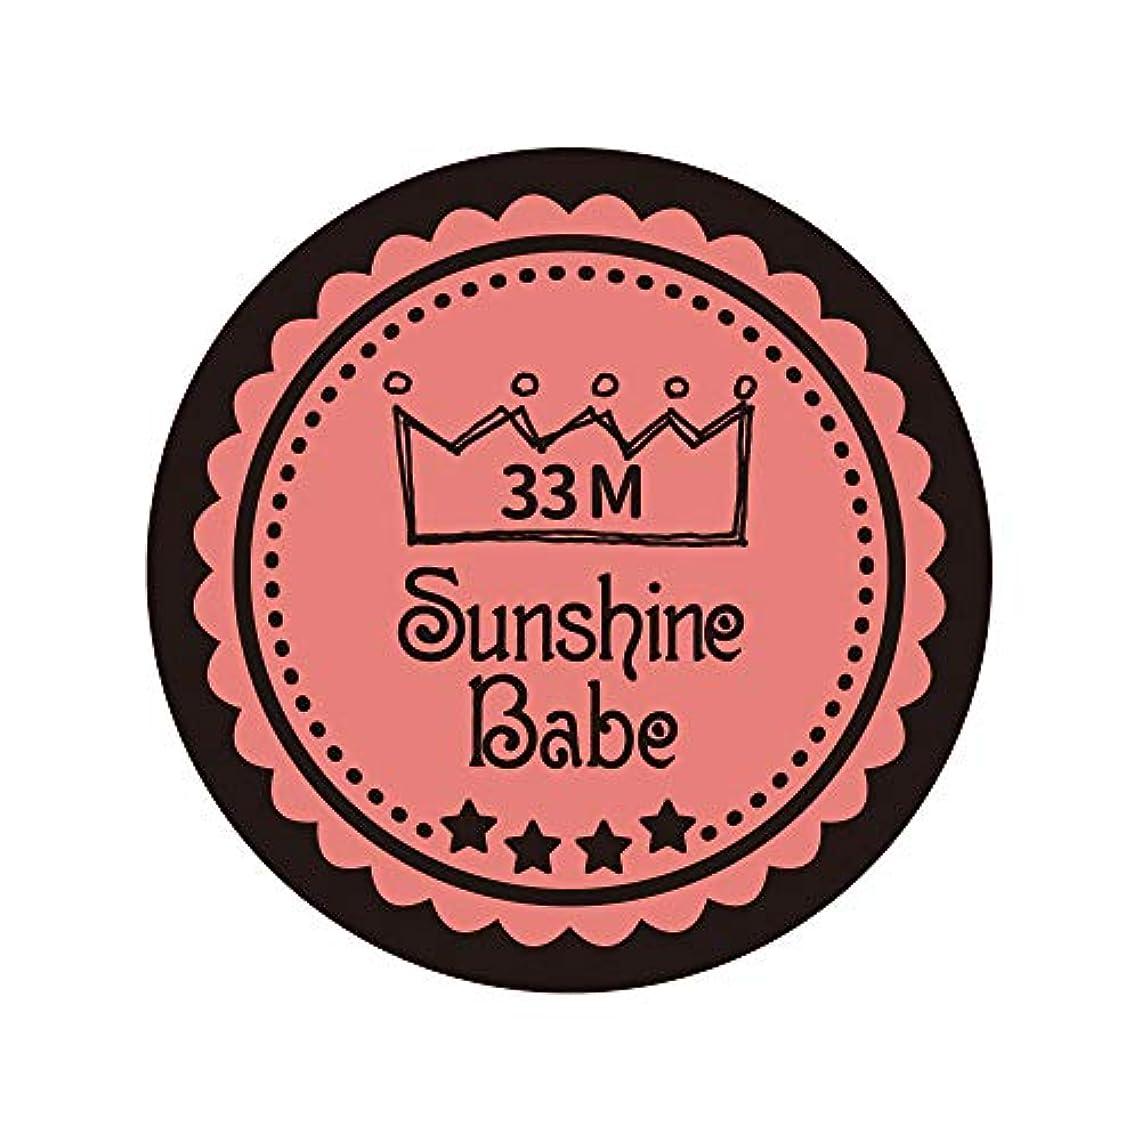 種類社会科洗うSunshine Babe カラージェル 33M ベイクドコーラルピンク 2.7g UV/LED対応